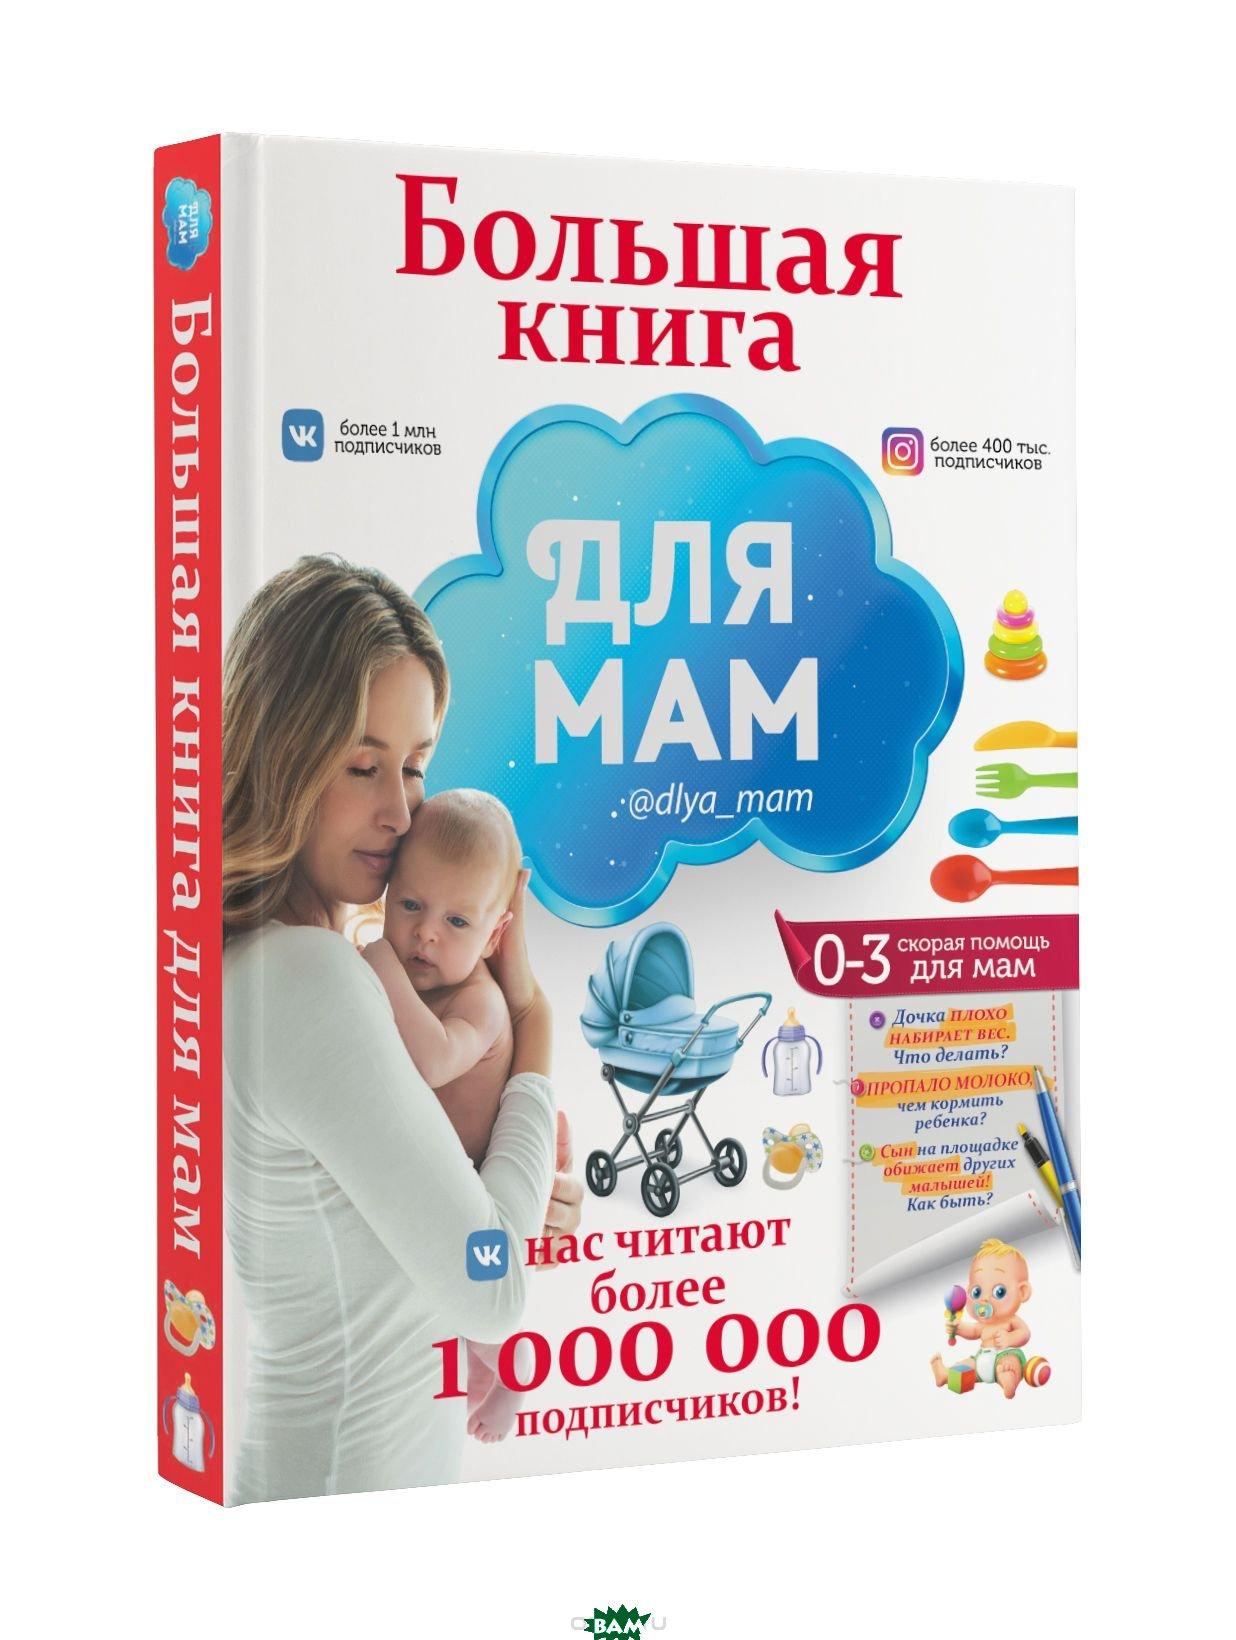 Купить Большая книга для мам, АСТ, 978-5-17-108444-8